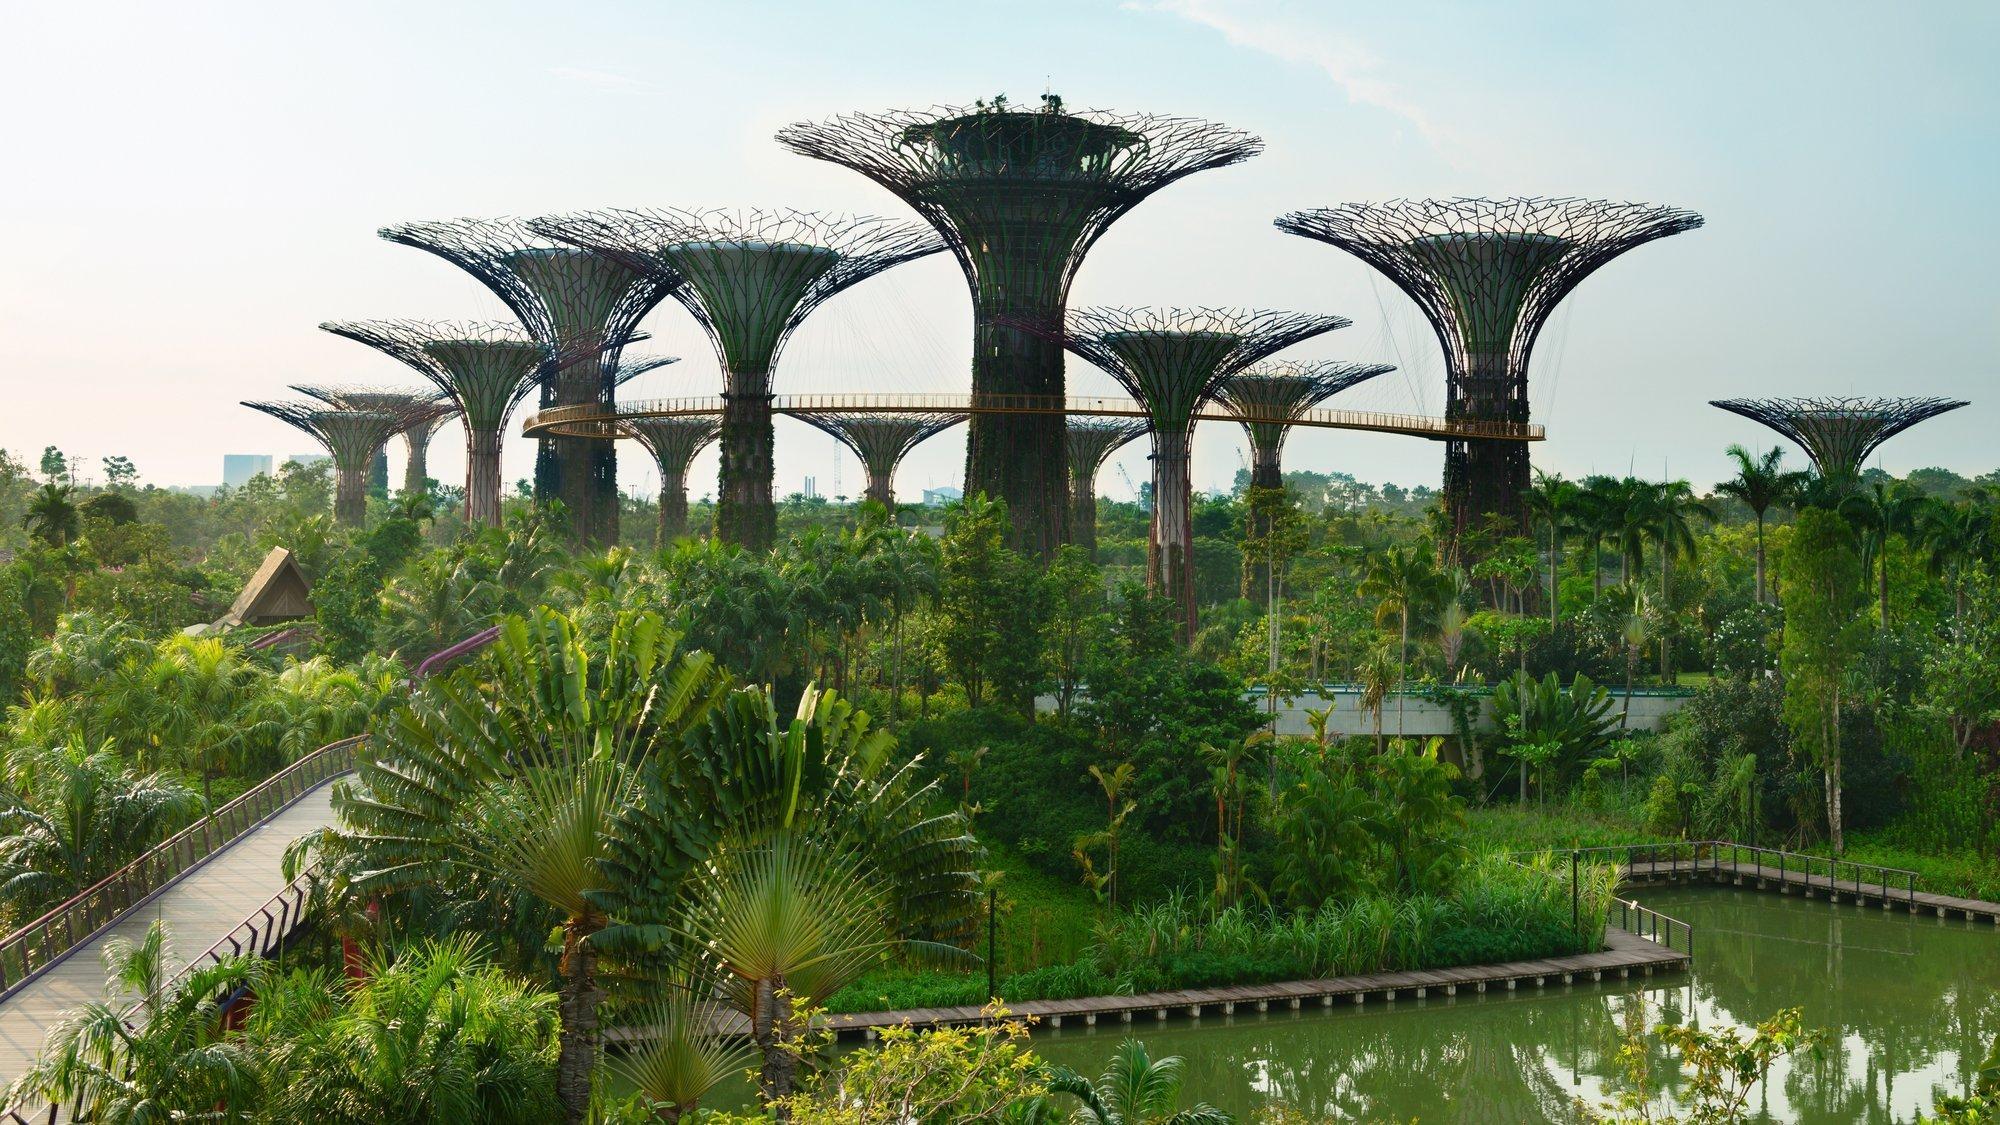 EIn palmenbestandener Park am Wasser, darüber elf fächerförmige, teils begrünte Stahlkonstruktionen